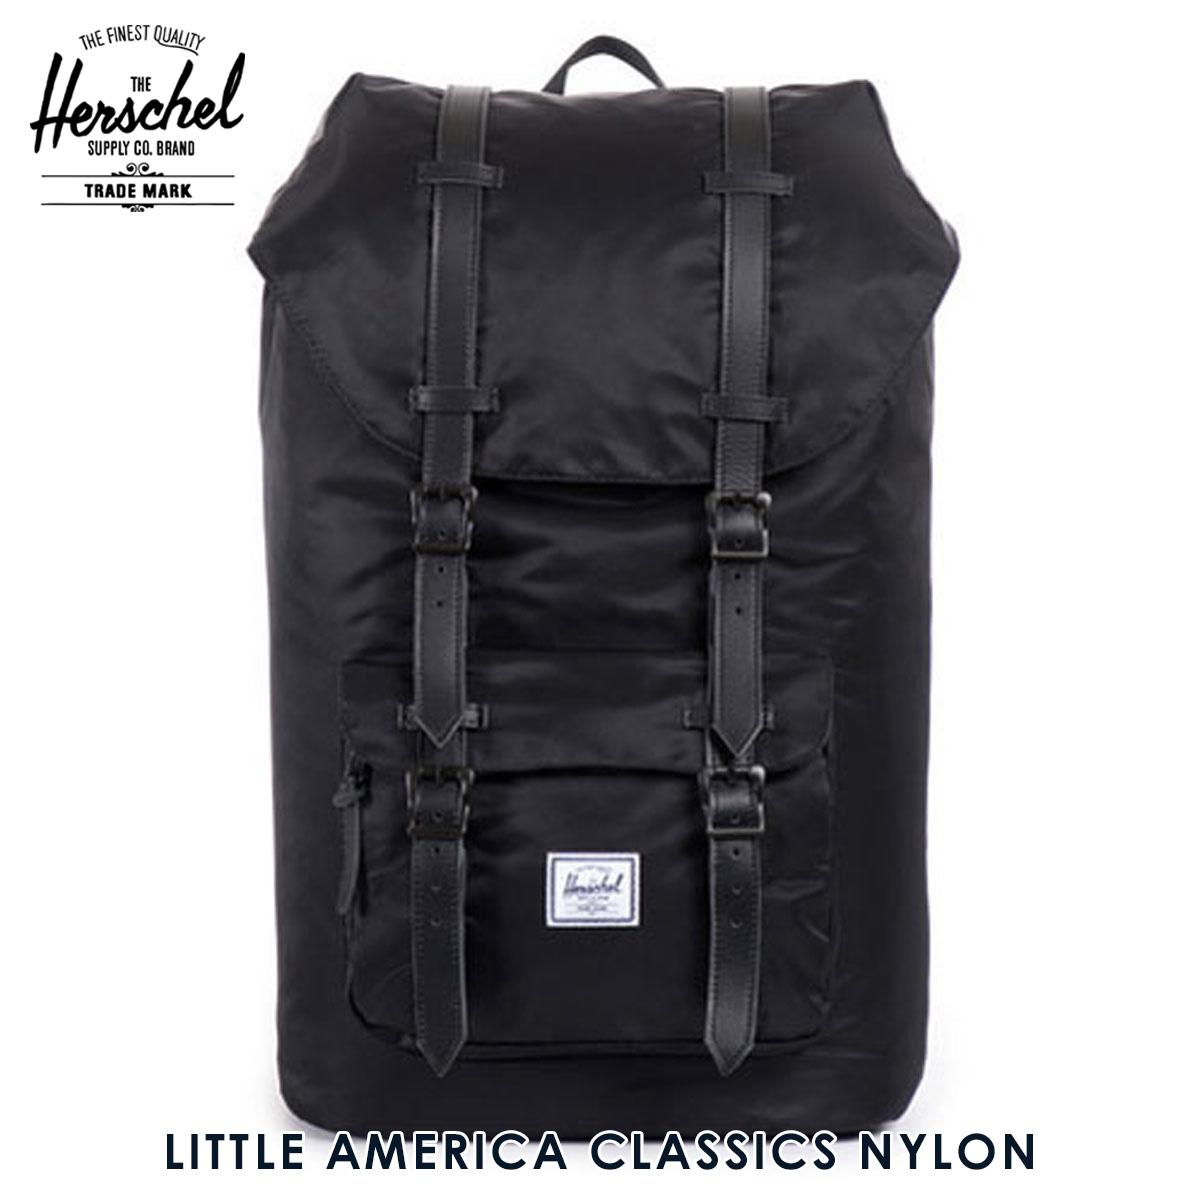 【ポイント10倍 6/4 20:00~6/11 01:59まで】 ハーシェル バッグ 正規販売店 Herschel Supply ハーシャルサプライ バッグ Little America Classics - Nylon 10014-00587-OS Black D15S25 父の日